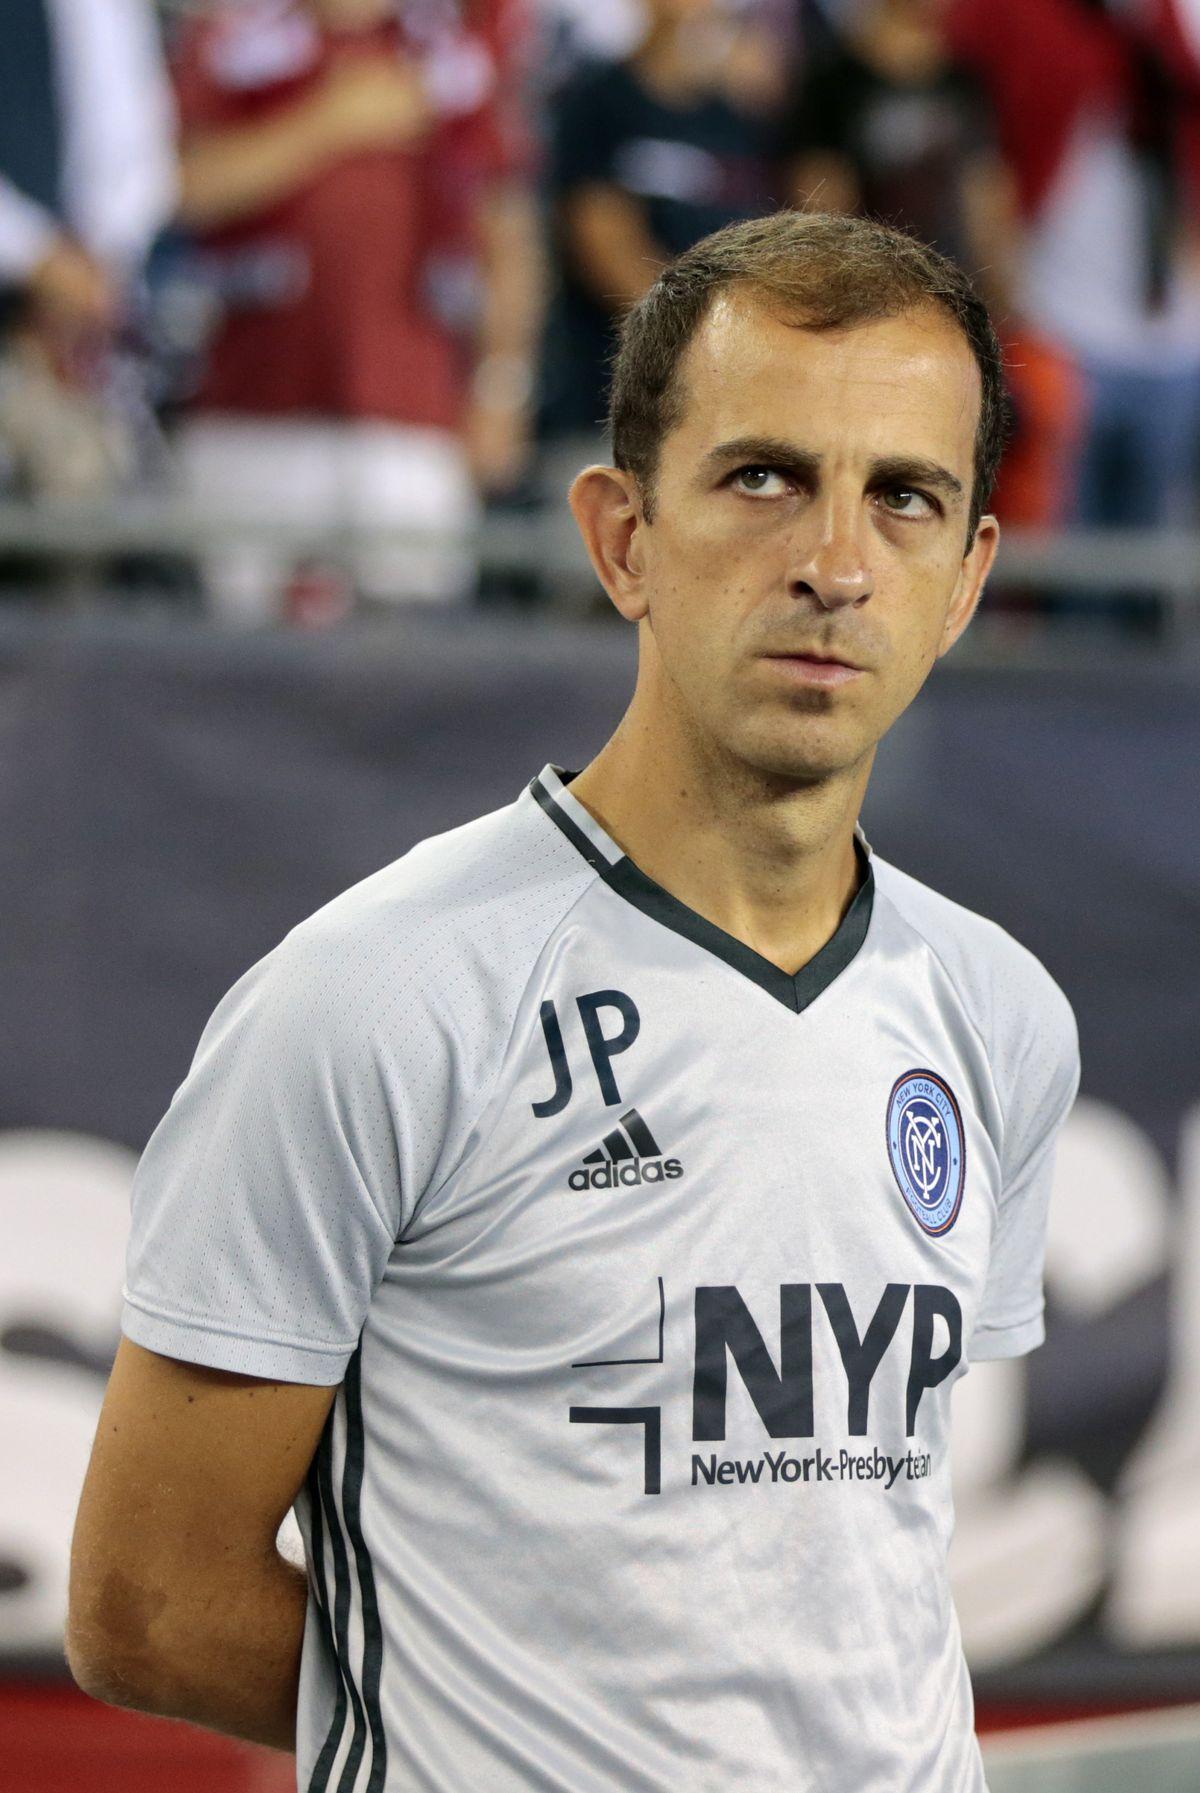 SOCCER: SEP 10 MLS - New York City FC at Revolution